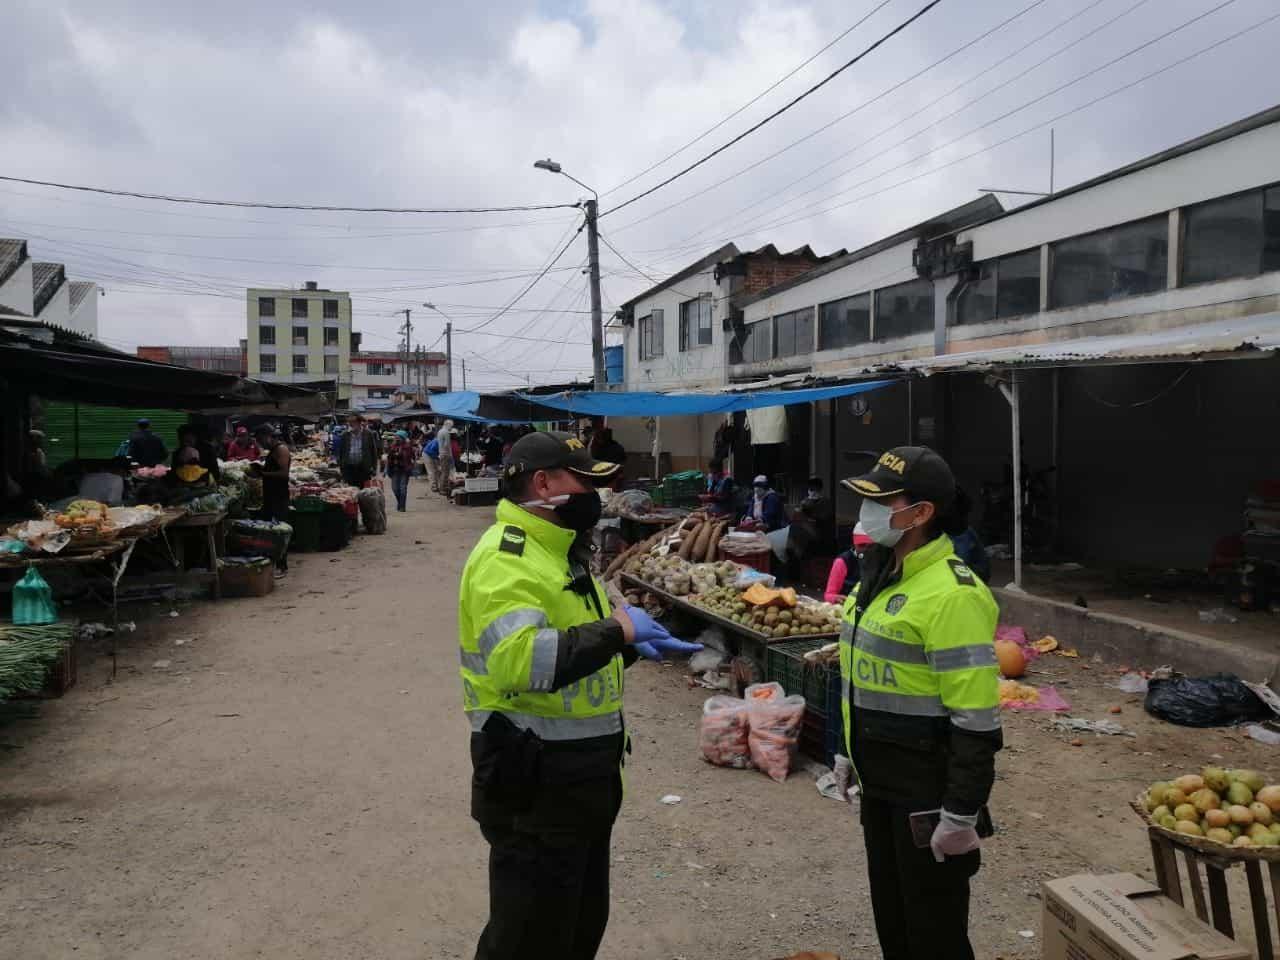 La policía Metropolitana adelantará estrictos controles para que este fin de semana se pueda cumplir el toque de queda. Foto: Policía Metropolitana de Tunja.